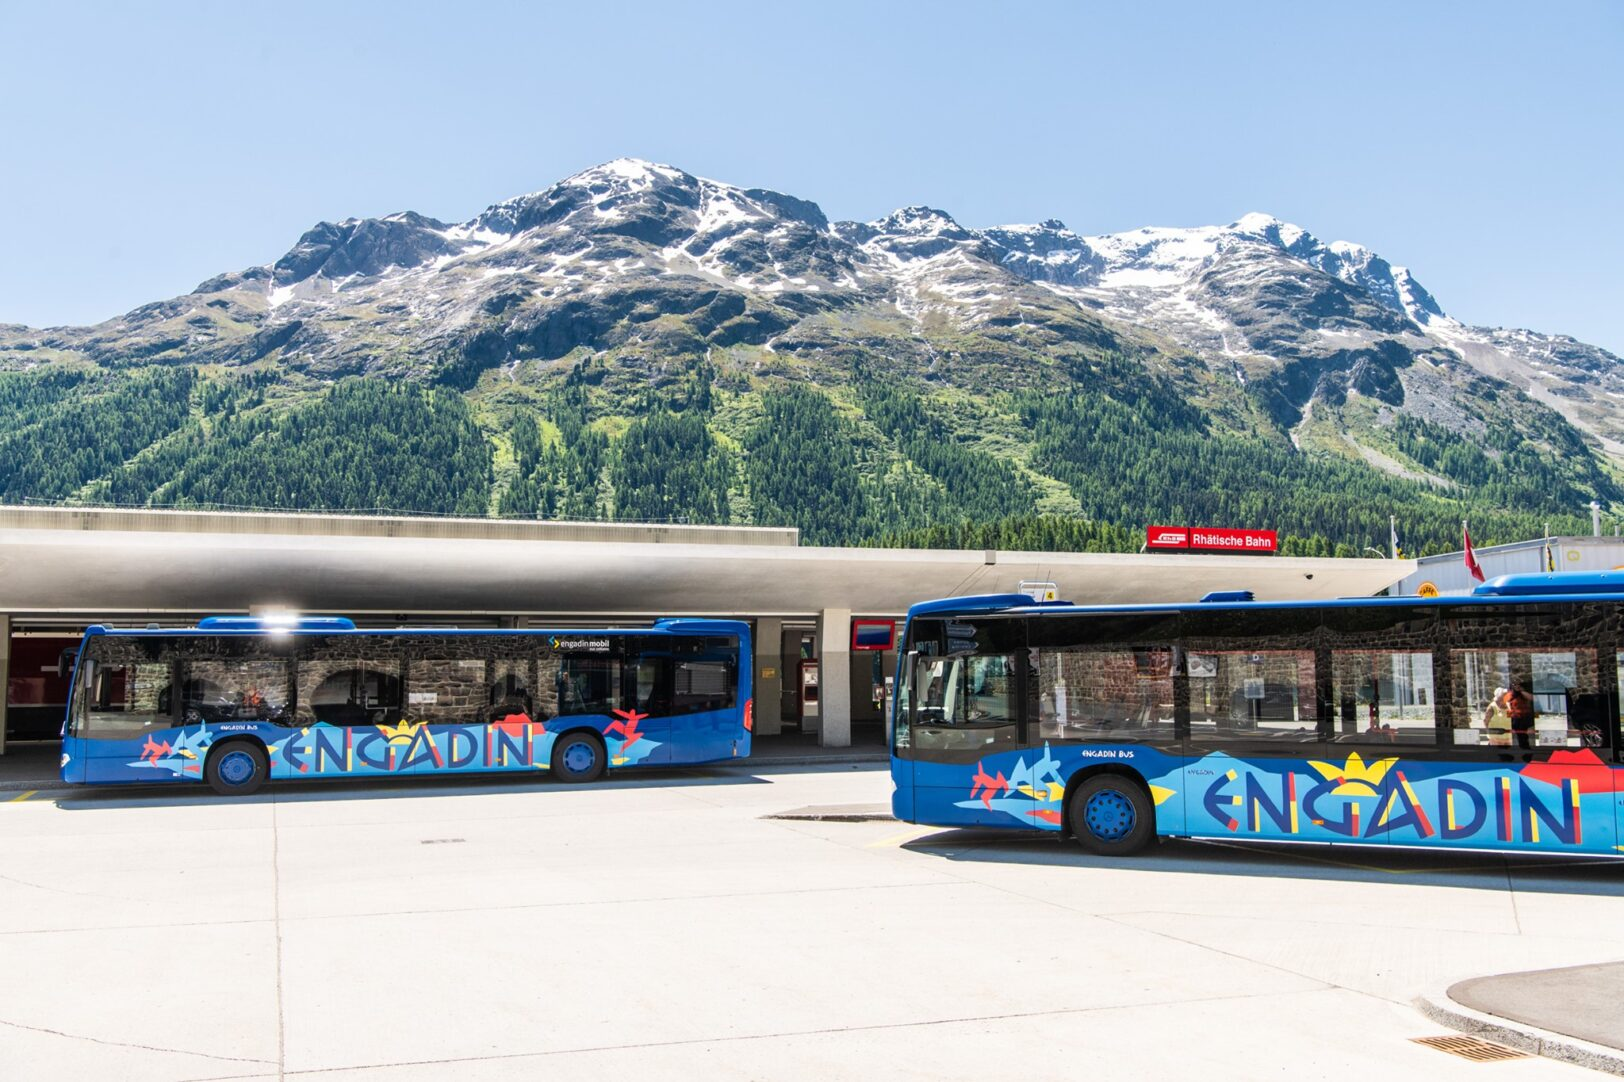 Grosser Bahnhof in St. Moritz